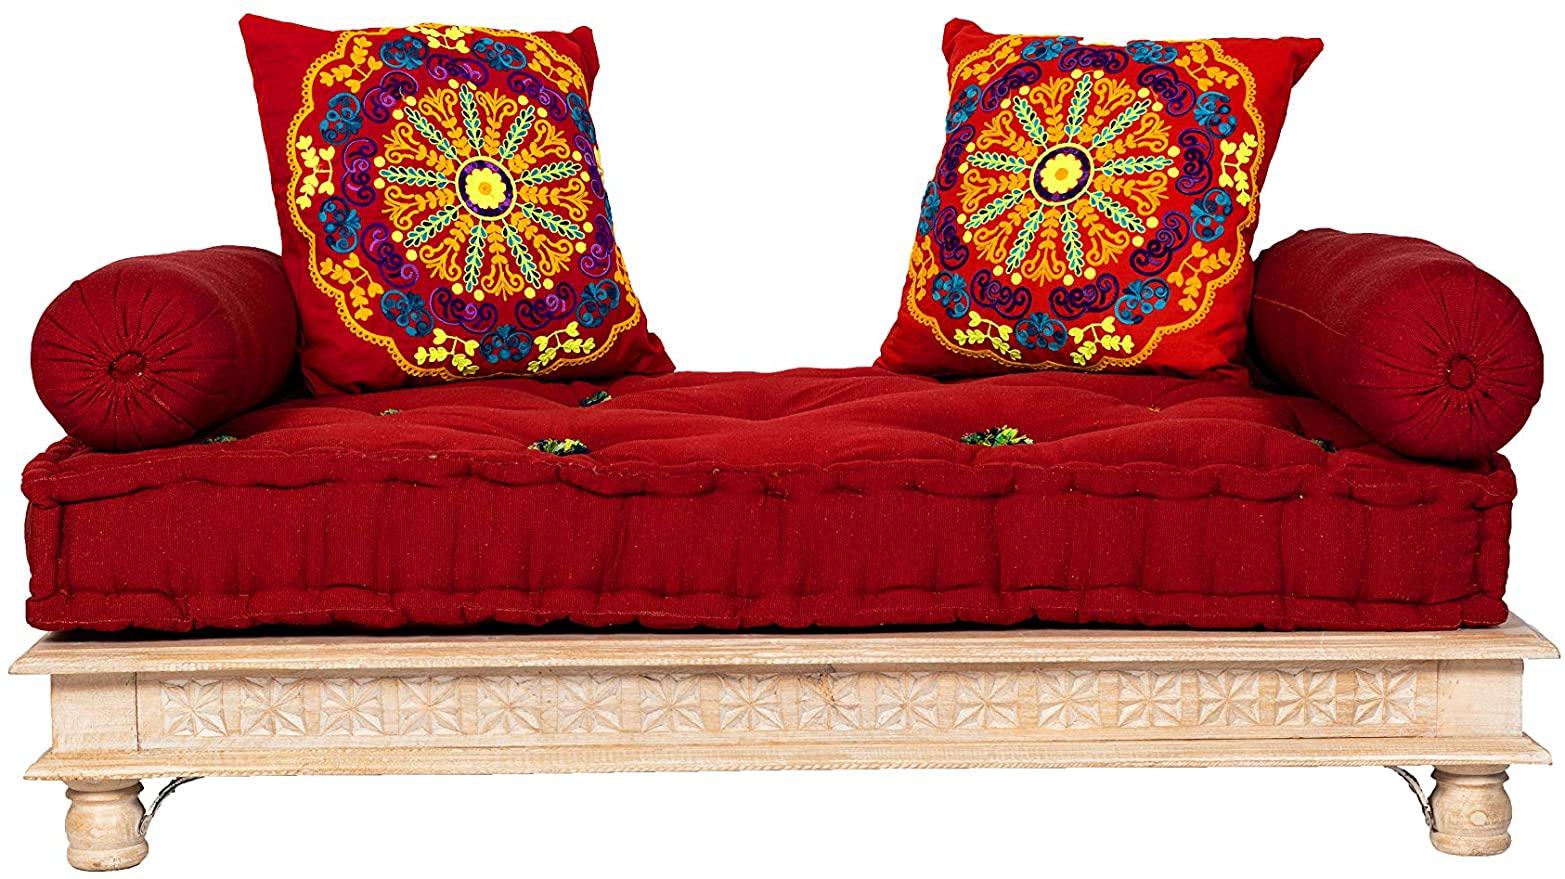 Full Size of Sofa Groß Orientalisches Couch Fadilla 120cm Gro 2 Sitzer Mit Relaxfunktion Elektrisch Big Kaufen Halbrund Neu Beziehen Lassen Led Petrol Polster Ikea Sofa Sofa Groß